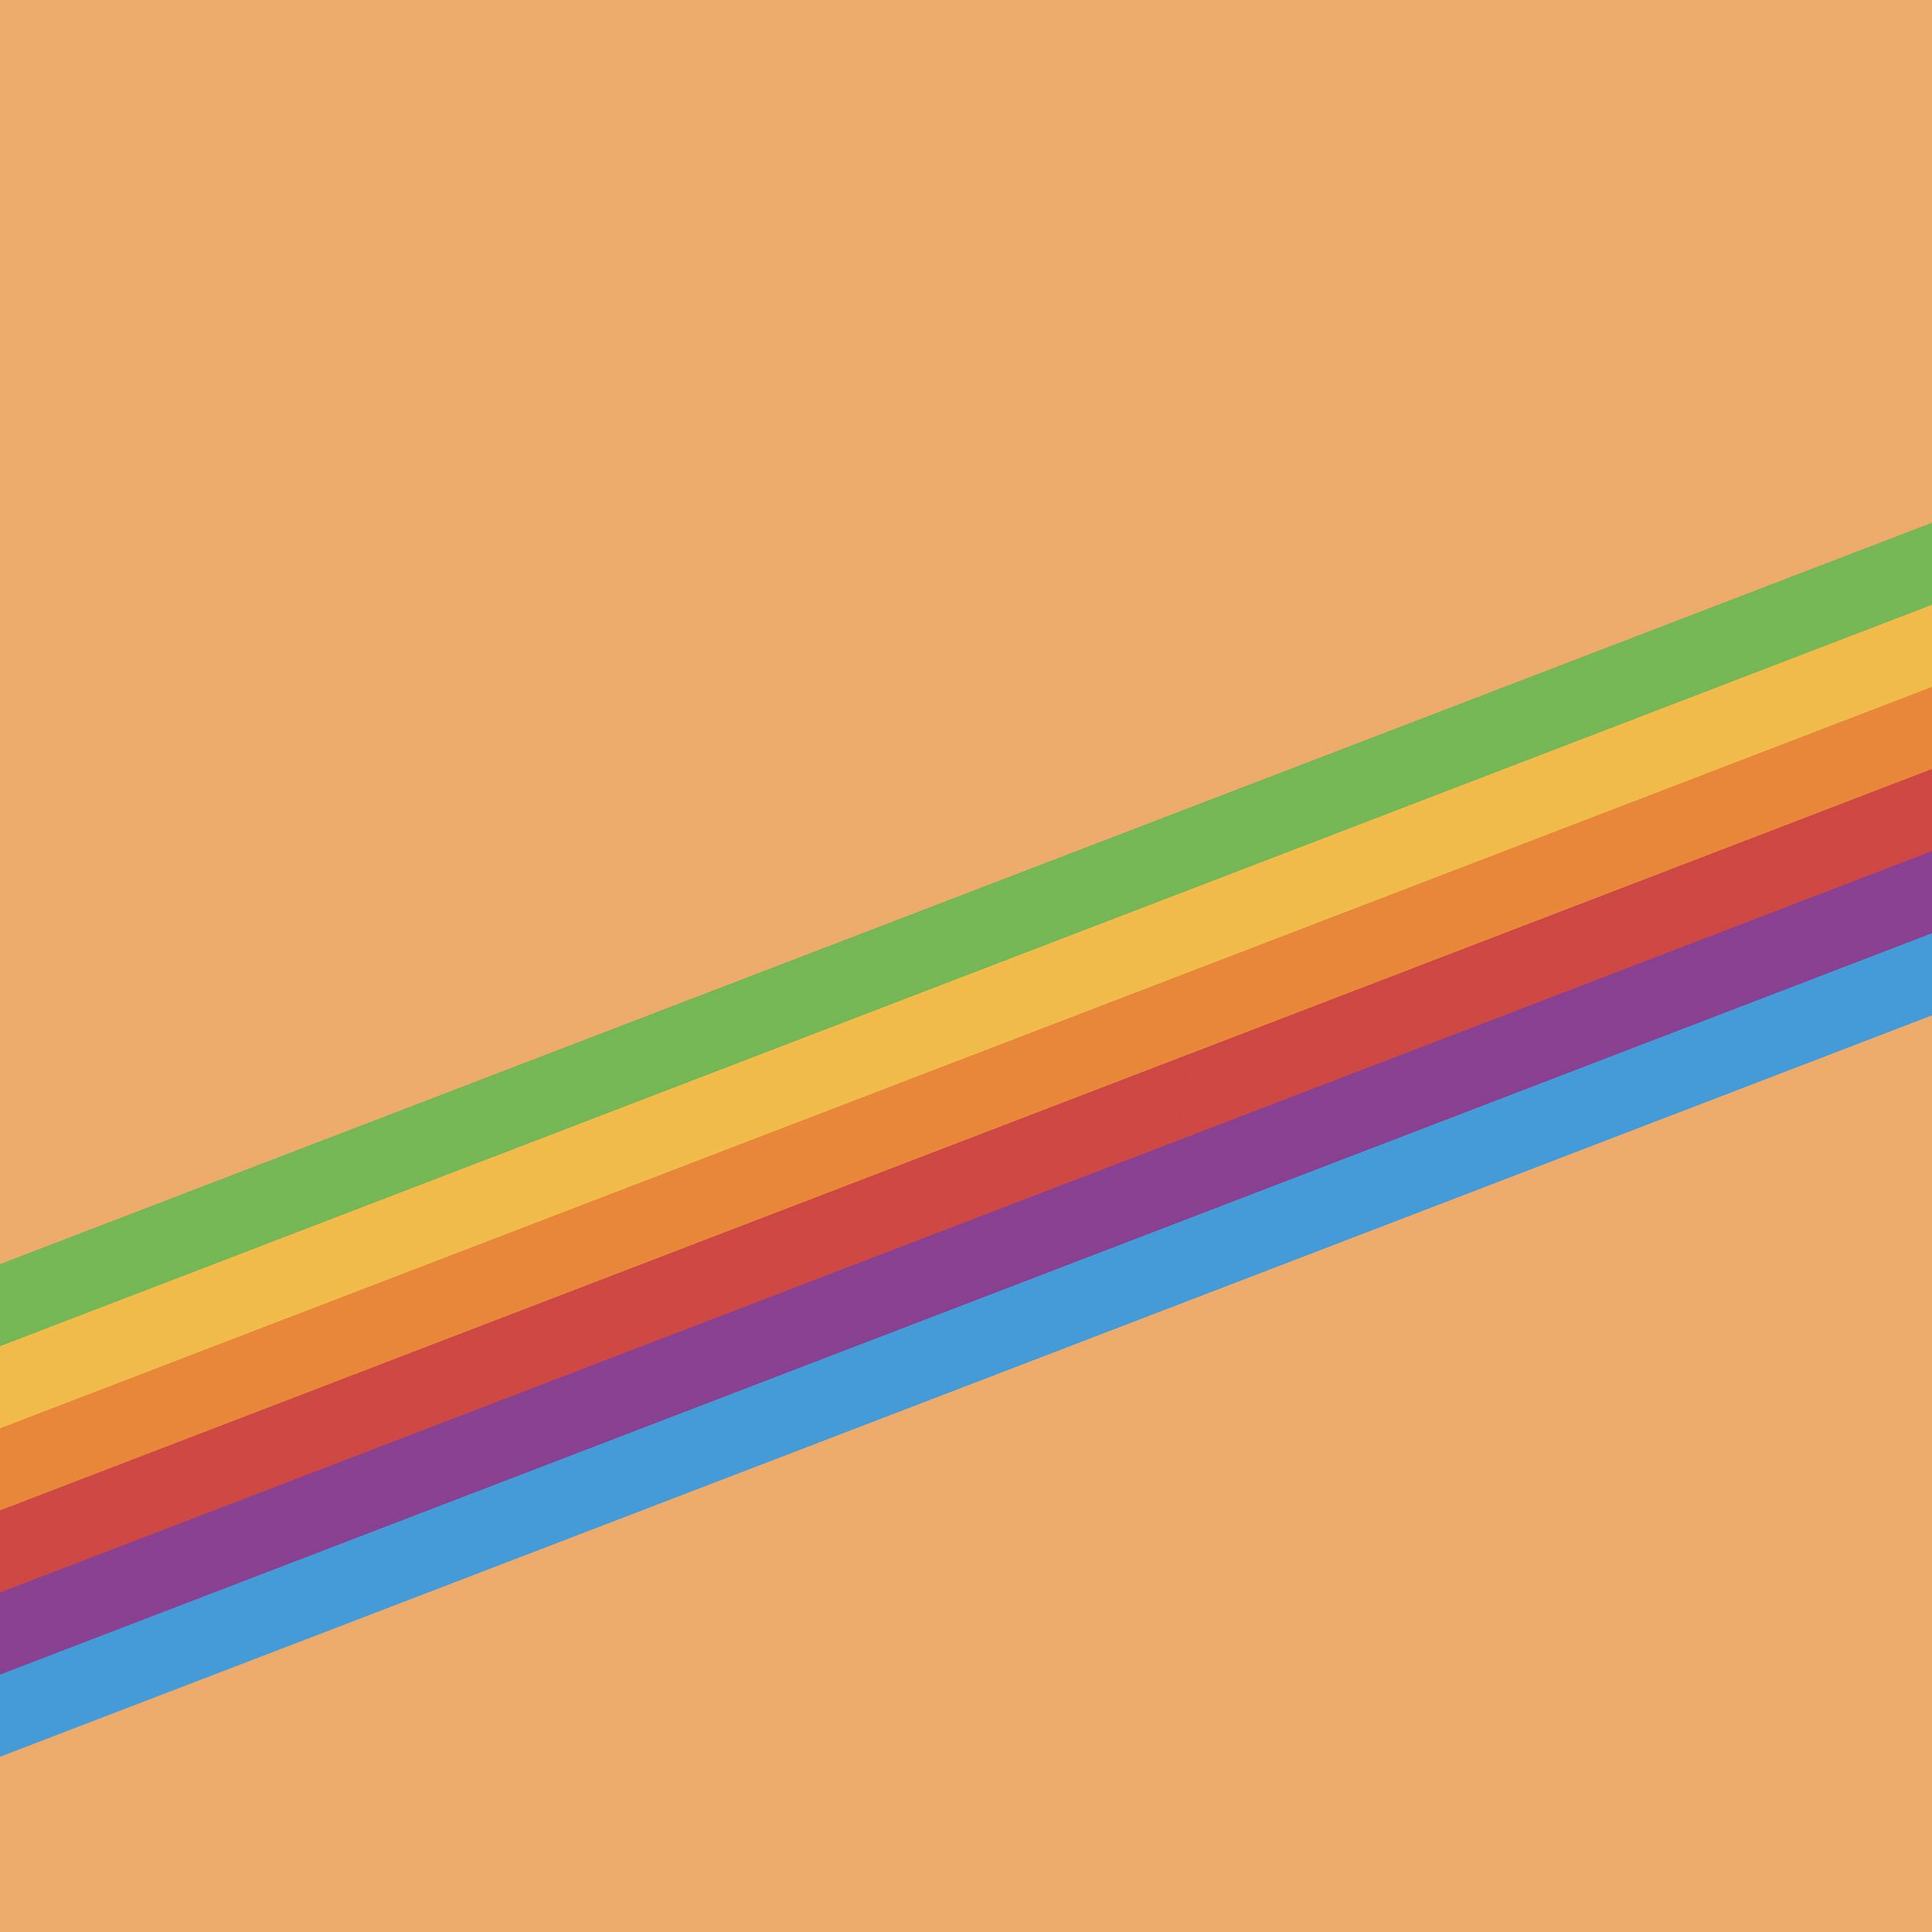 Heritage Stripe Orange iOS 11 GM iPhone wallpapers - Trọn bộ hình nền mới của iOS 11